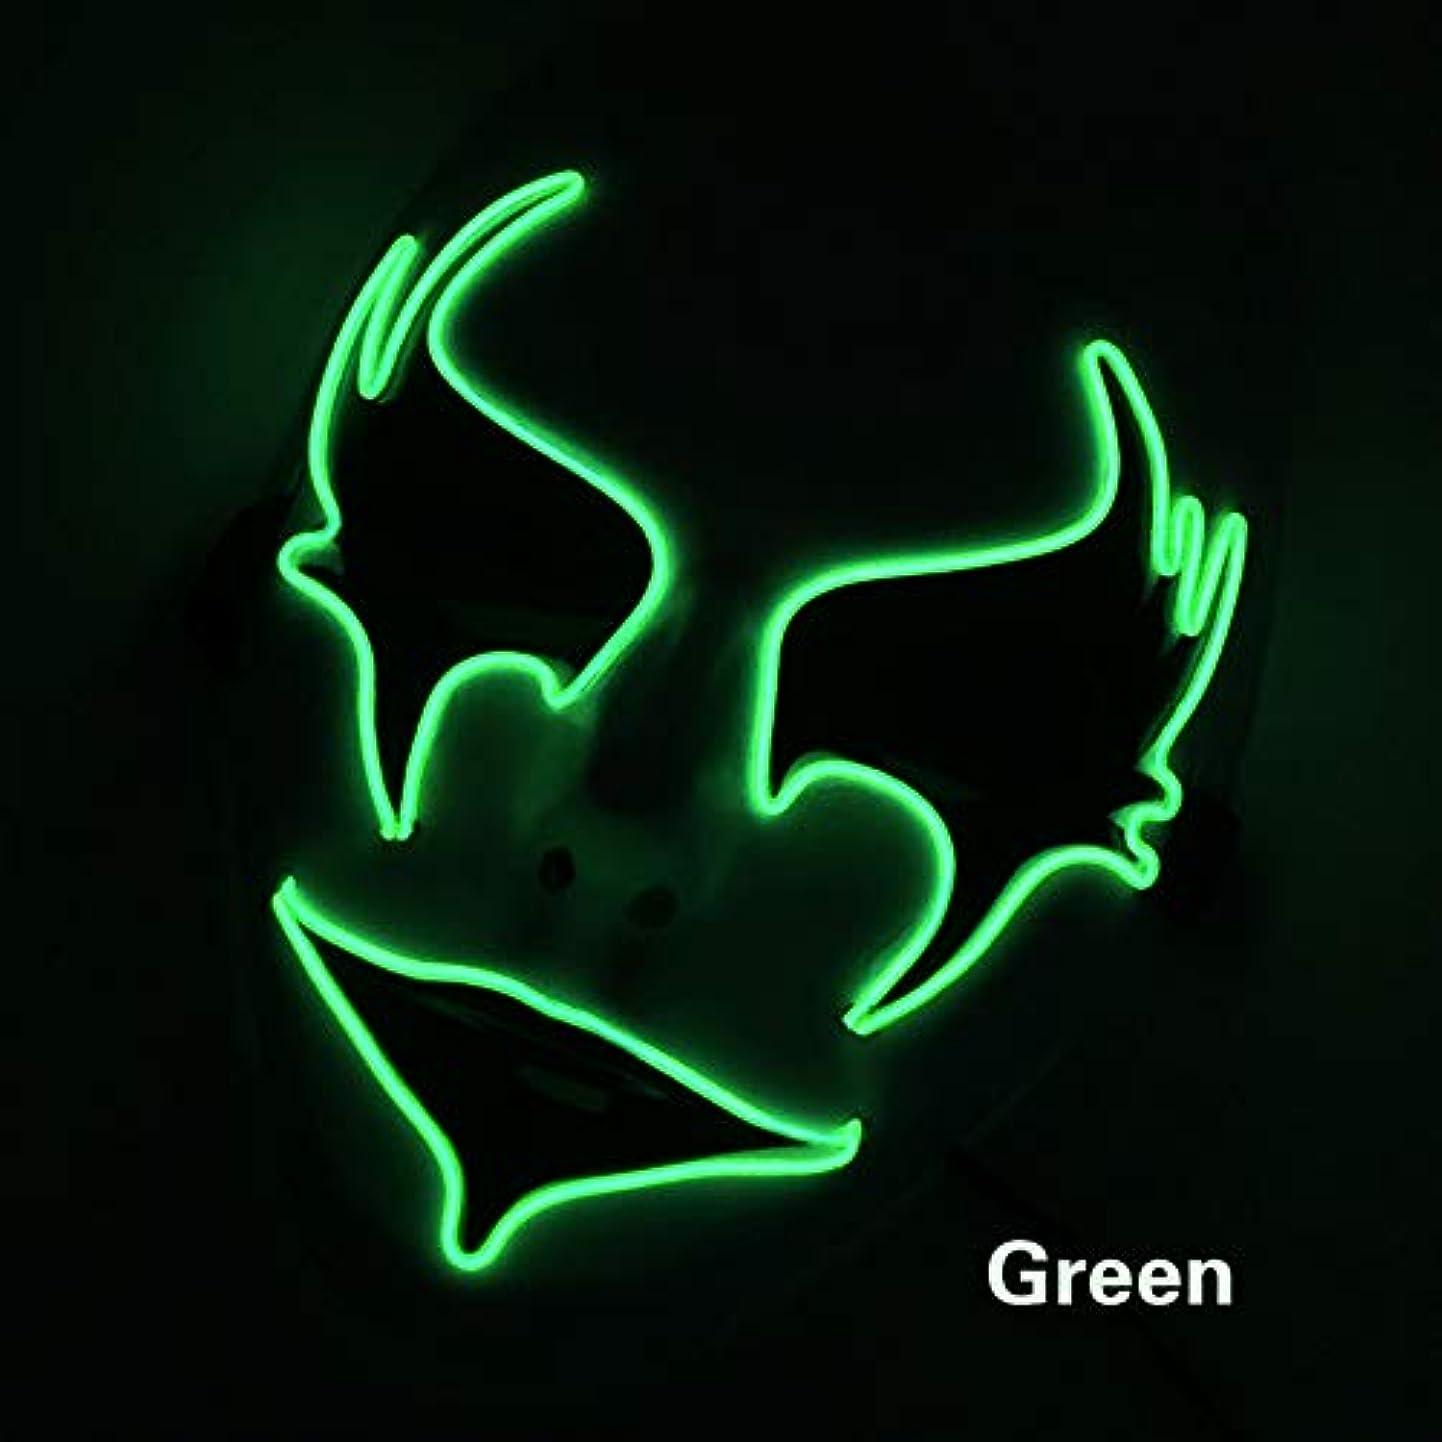 全部家畜離れて手塗り ウォーターヒヤシンス イルミネーション LED ハロウィン マスク 2個 EL ワイヤー コスプレ フェスティバル 化粧 パーティー マスク (18×18Cm) MAG.AL